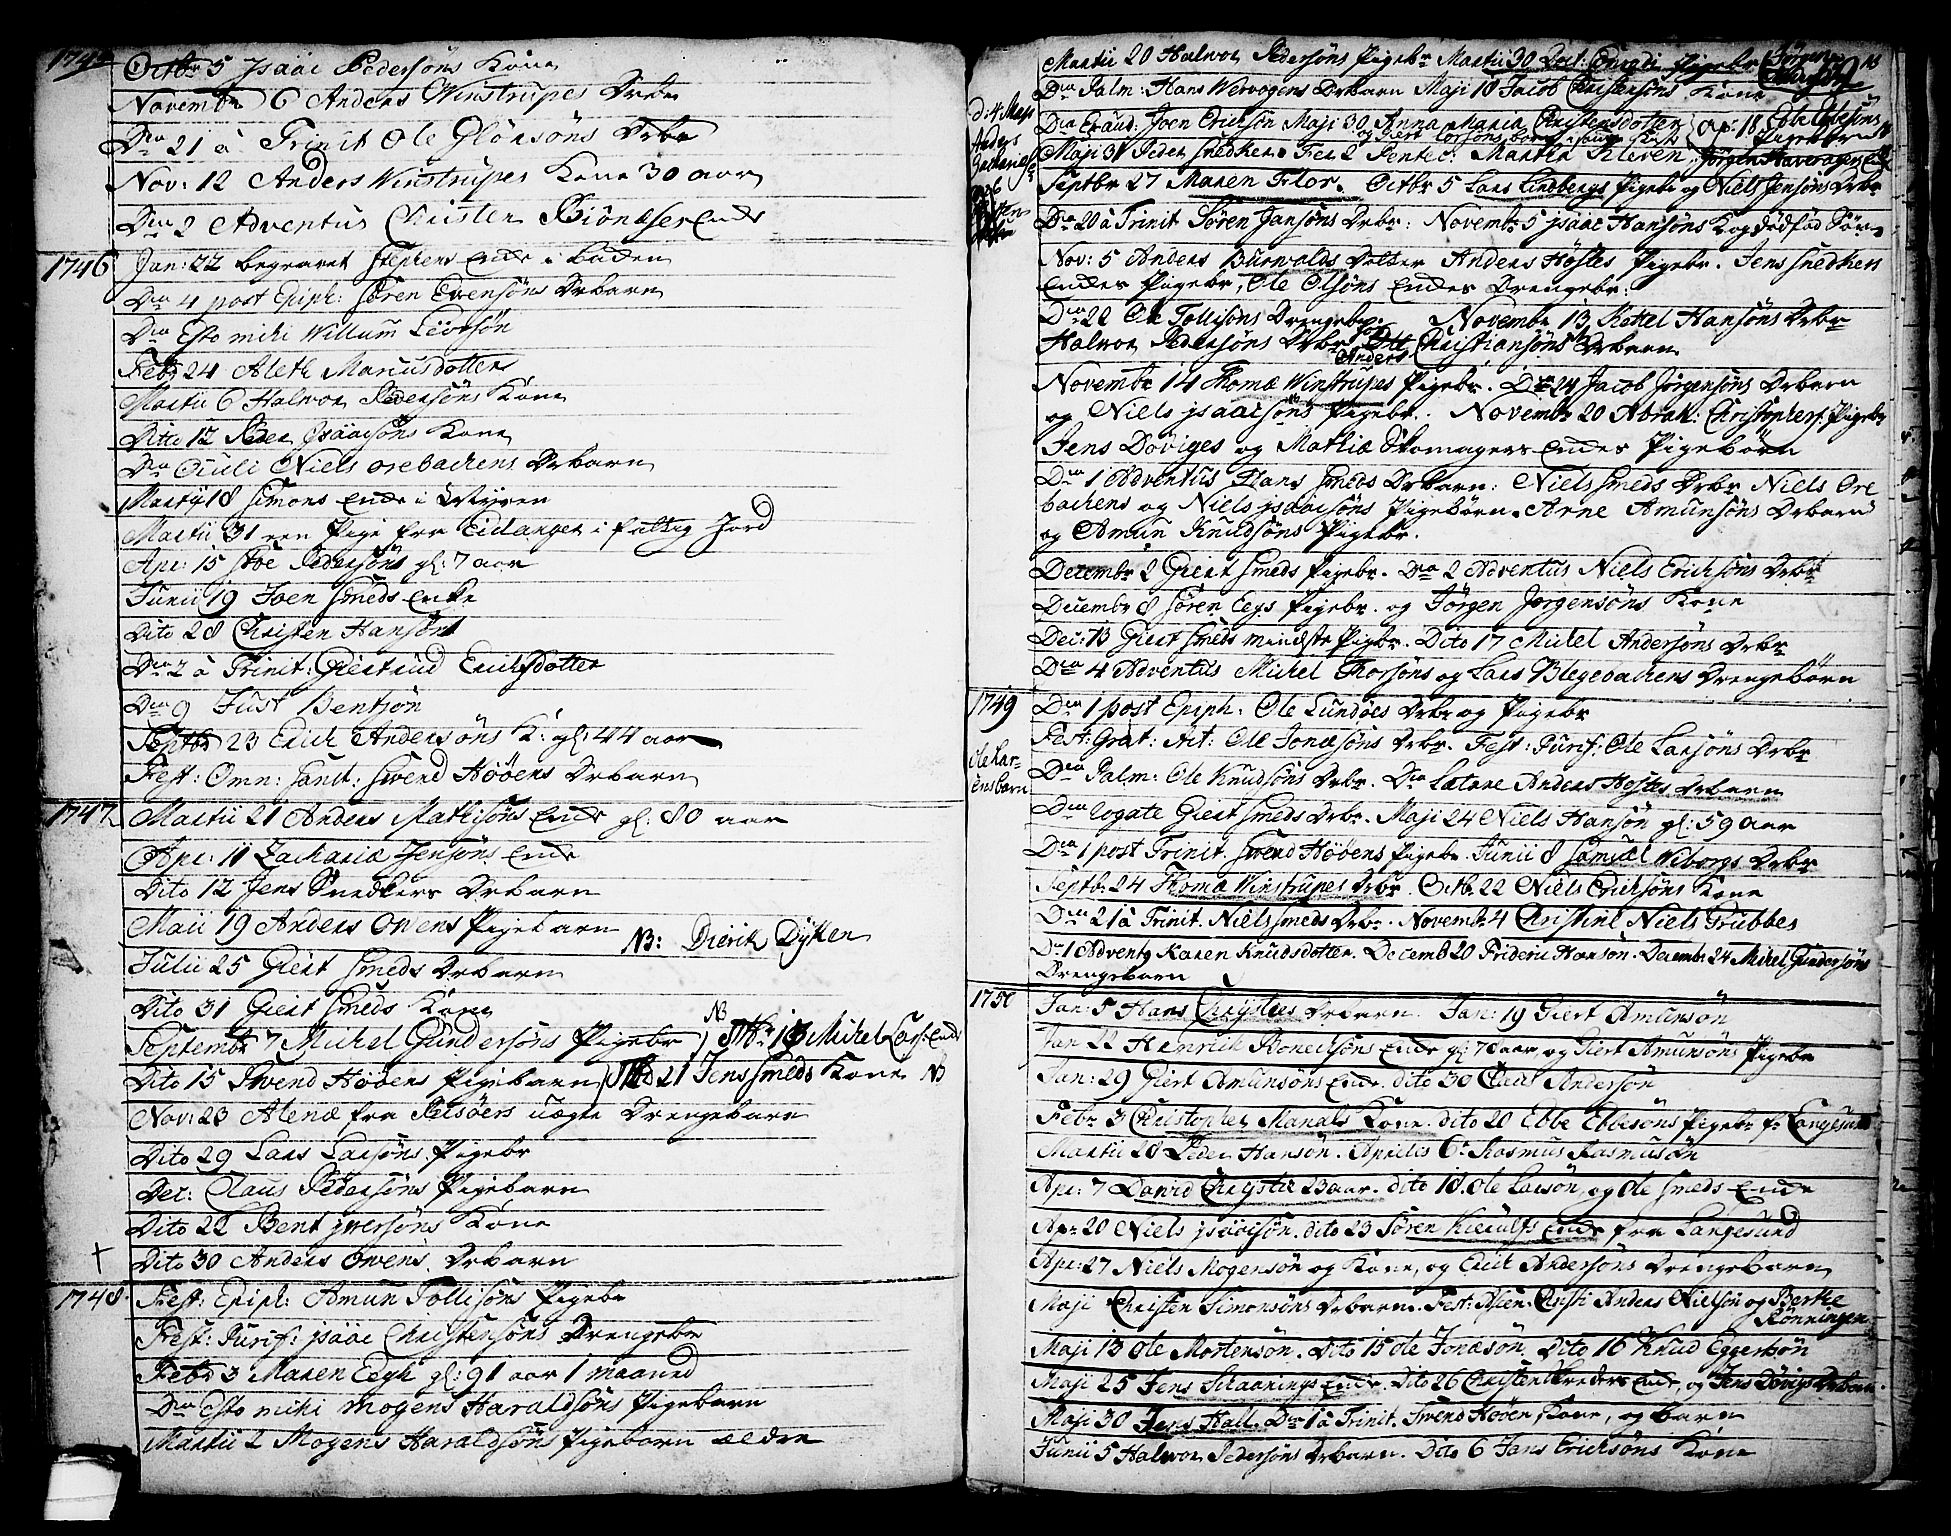 SAKO, Brevik kirkebøker, F/Fa/L0002: Ministerialbok nr. 2, 1720-1764, s. 58b